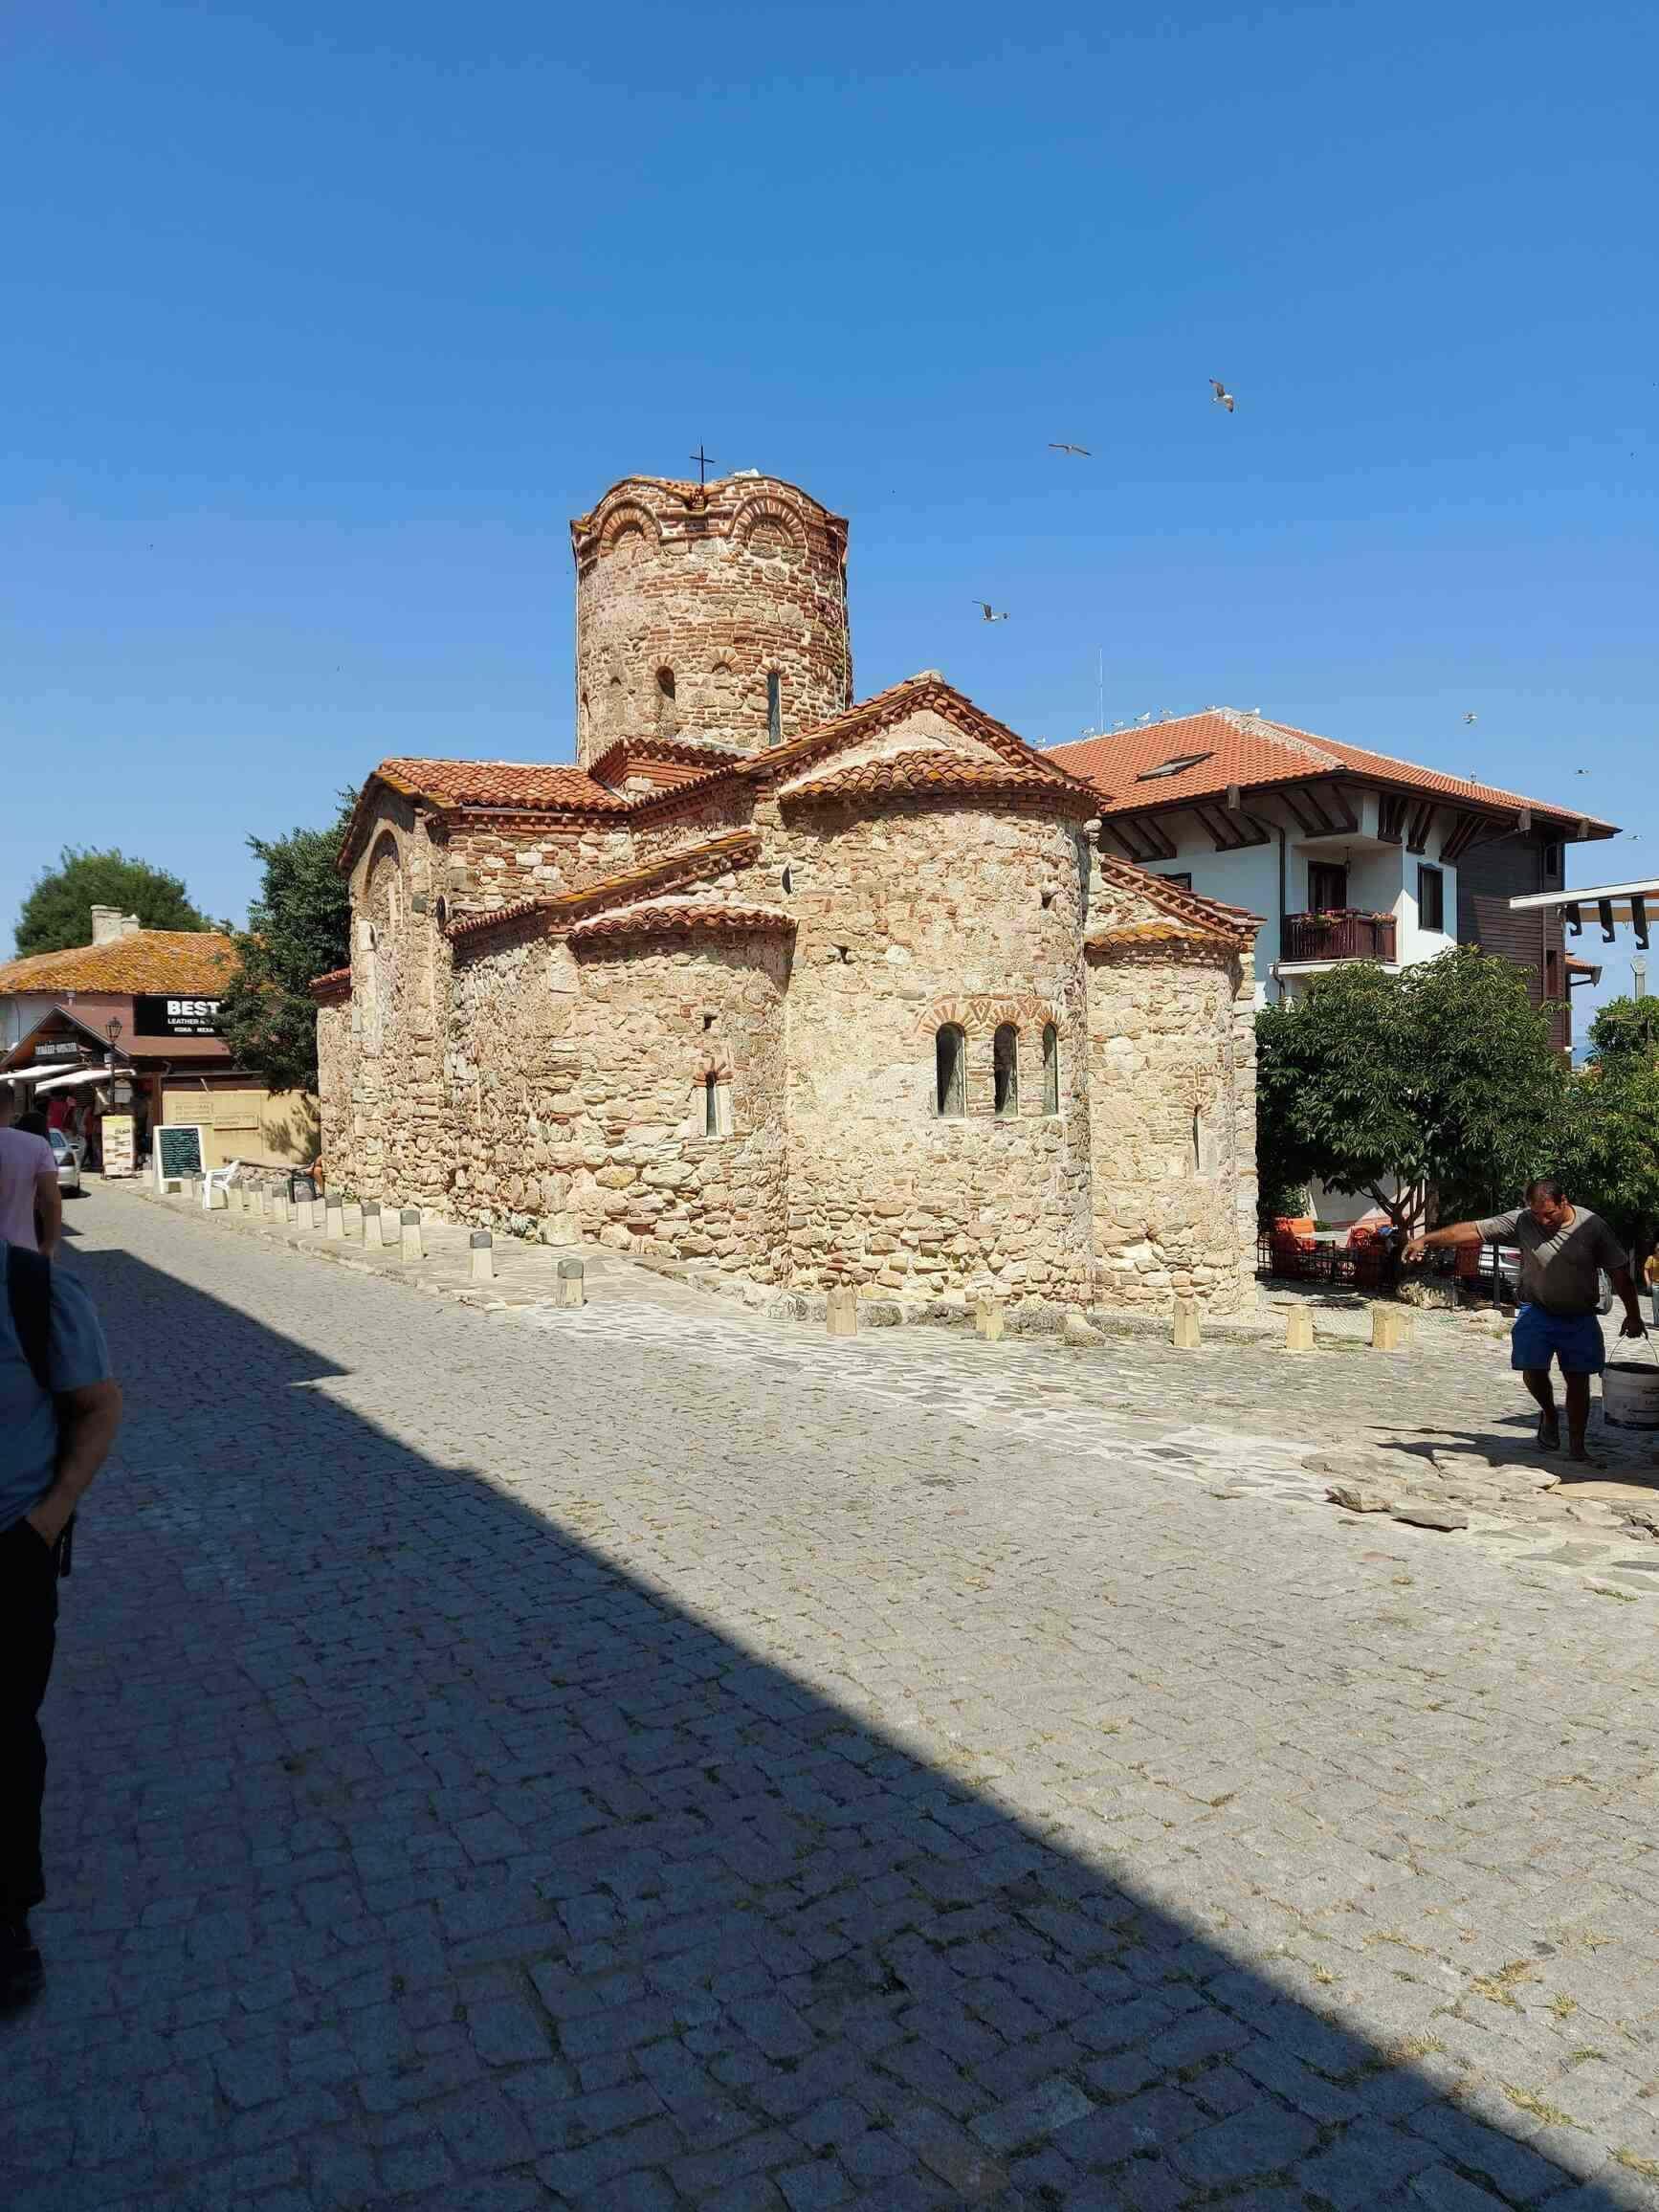 Bulgaria church culture